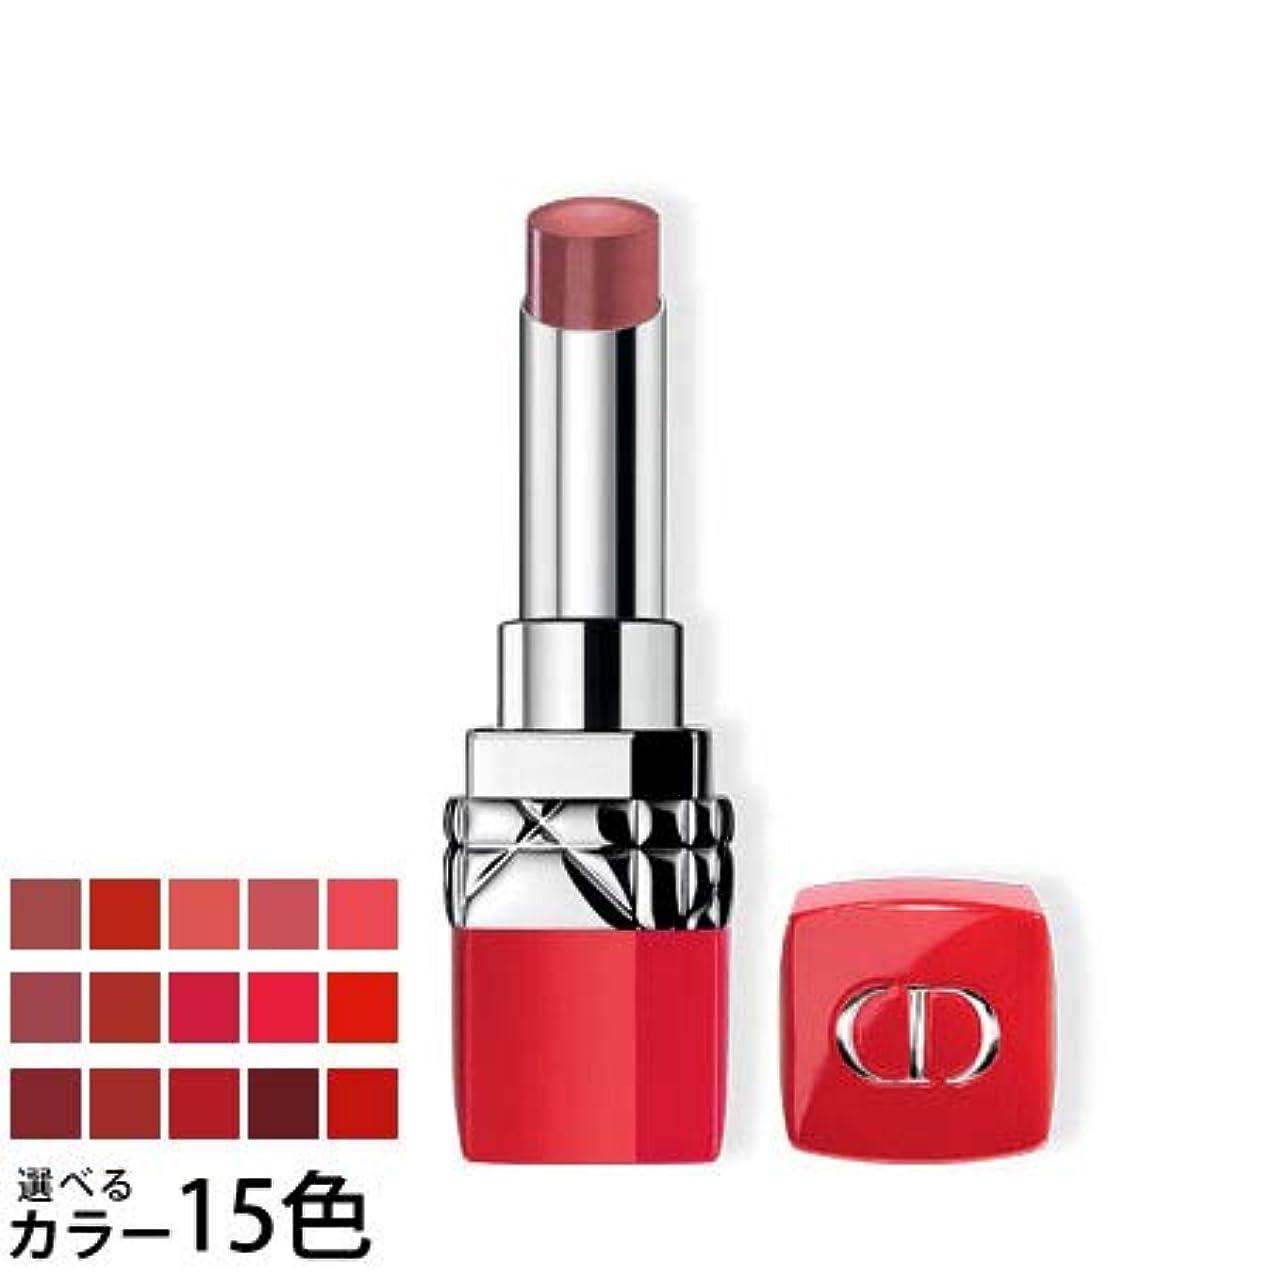 まろやかな旋律的奨励しますディオール ルージュ ディオール ウルトラ ルージュ 選べる15色 -Dior- 851